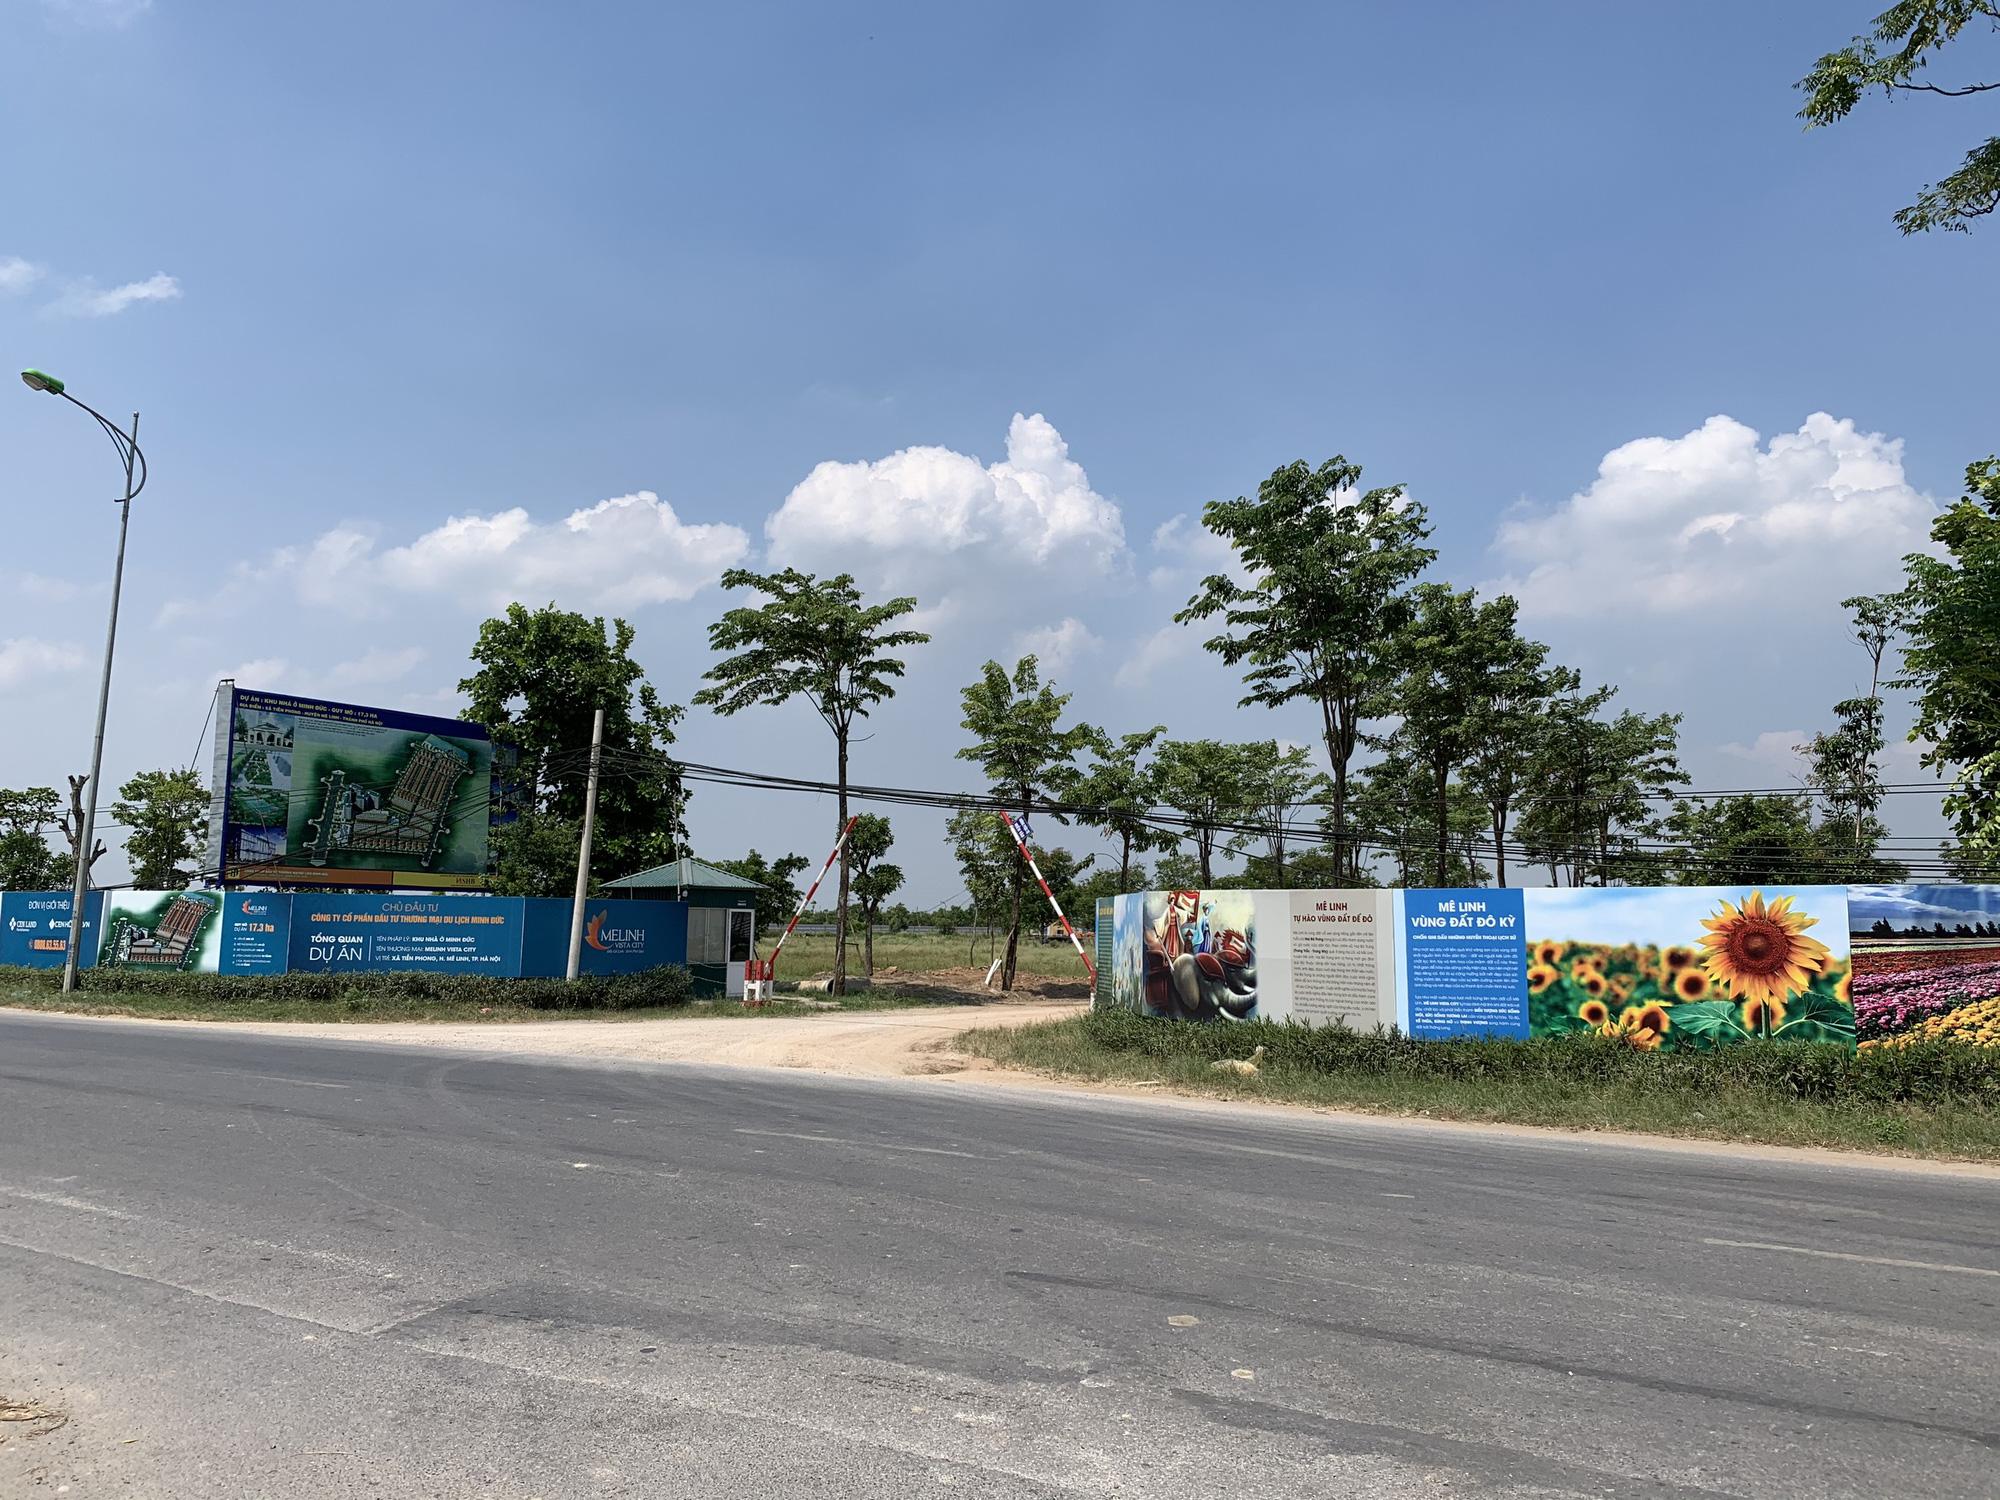 'Siêu' dự án nghìn tỷ ở Mê Linh khởi động trở lại sau 10 năm 'đắp chiếu' - Ảnh 4.